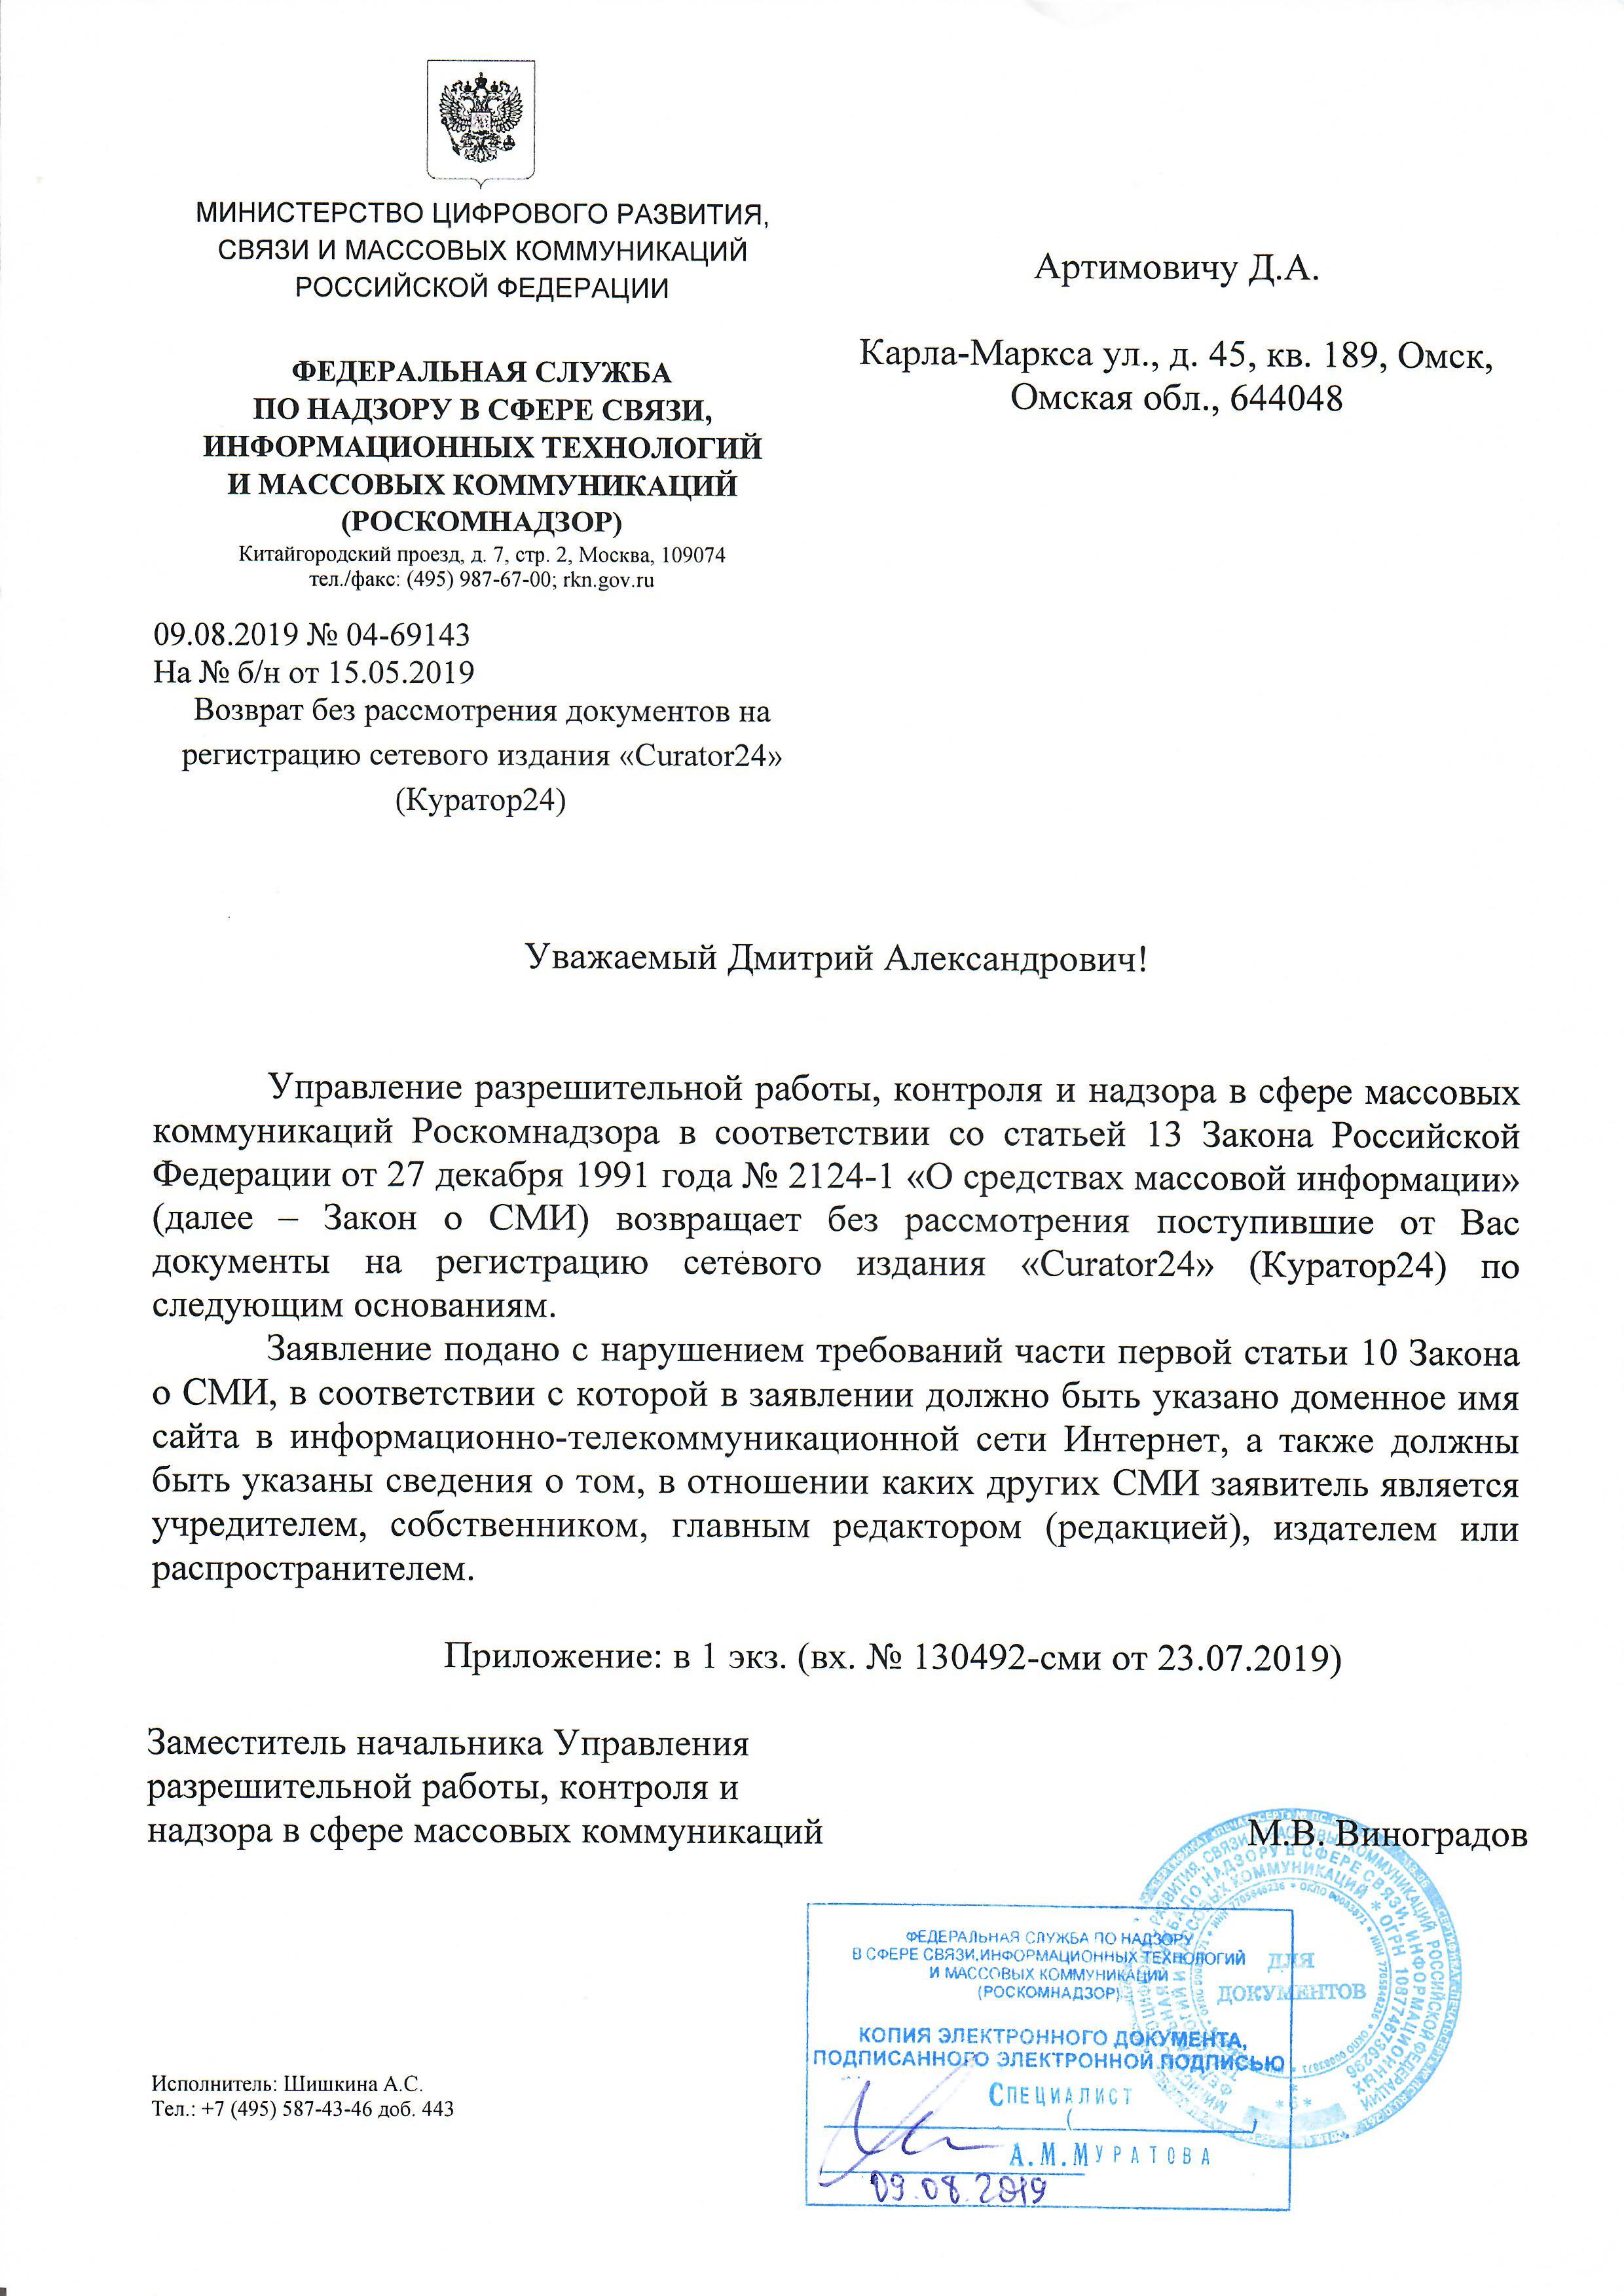 Пробовали ли вы зарегистрировать свой сайт как сетевое издание в Роскомнадзоре? - 10